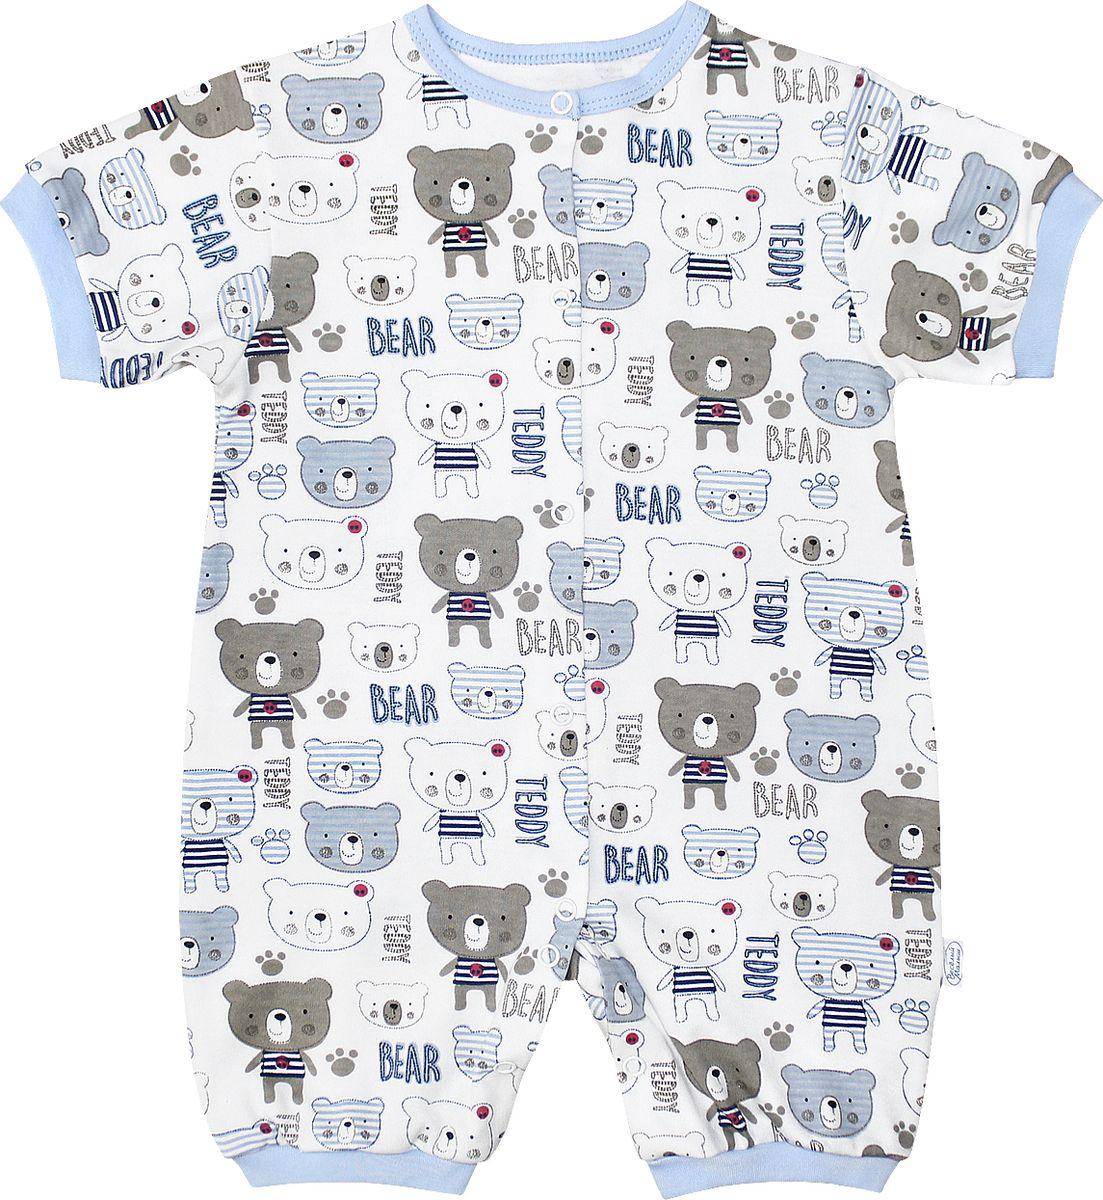 Песочник для мальчика Веселый малыш Мишка-Тедди, цвет: голубой. 52322/мт-E (1). Размер 80 веселый малыш песочник спелая вишня 52322